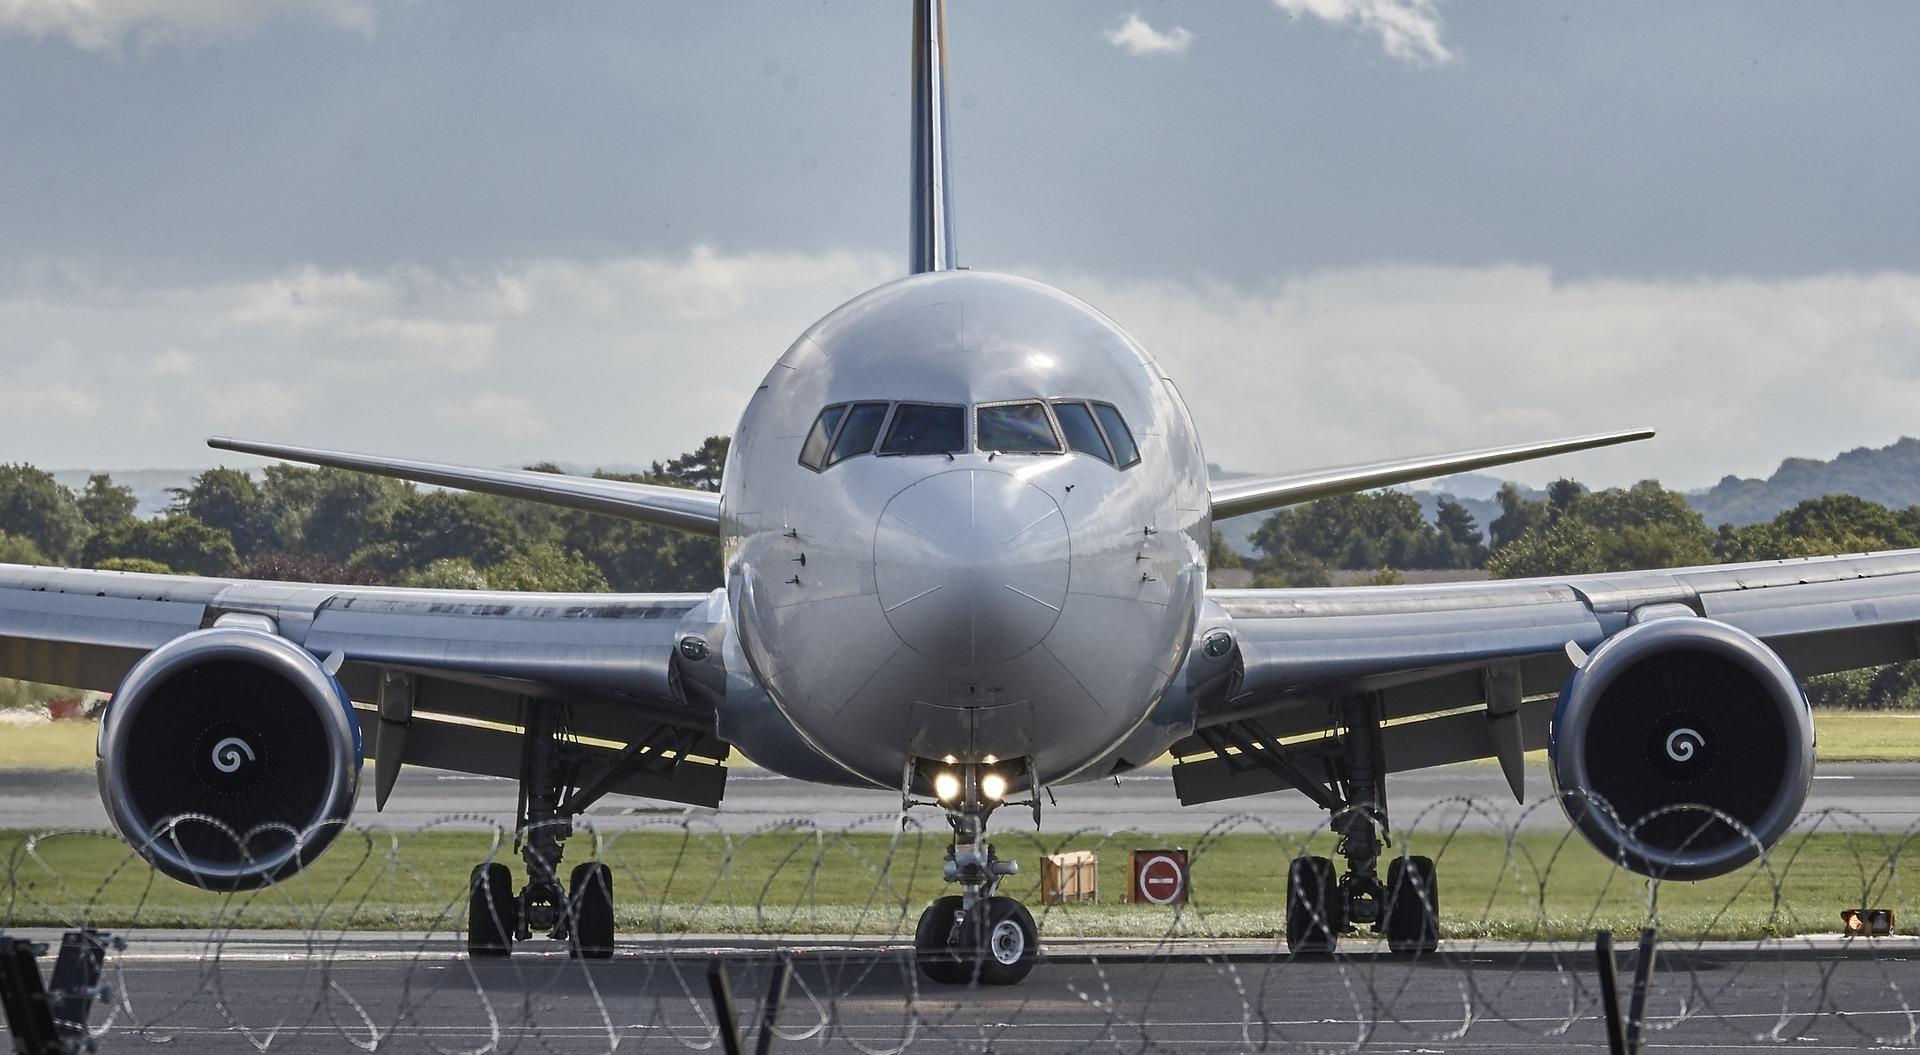 La hausse du trafic aérien au cours des 20 prochaines années va entraîner une hausse des emplois dans le secteur, notamment dans les secteurs des services d'escale, des services à la clientèle et du personnel de cabine - Photo libre de droit